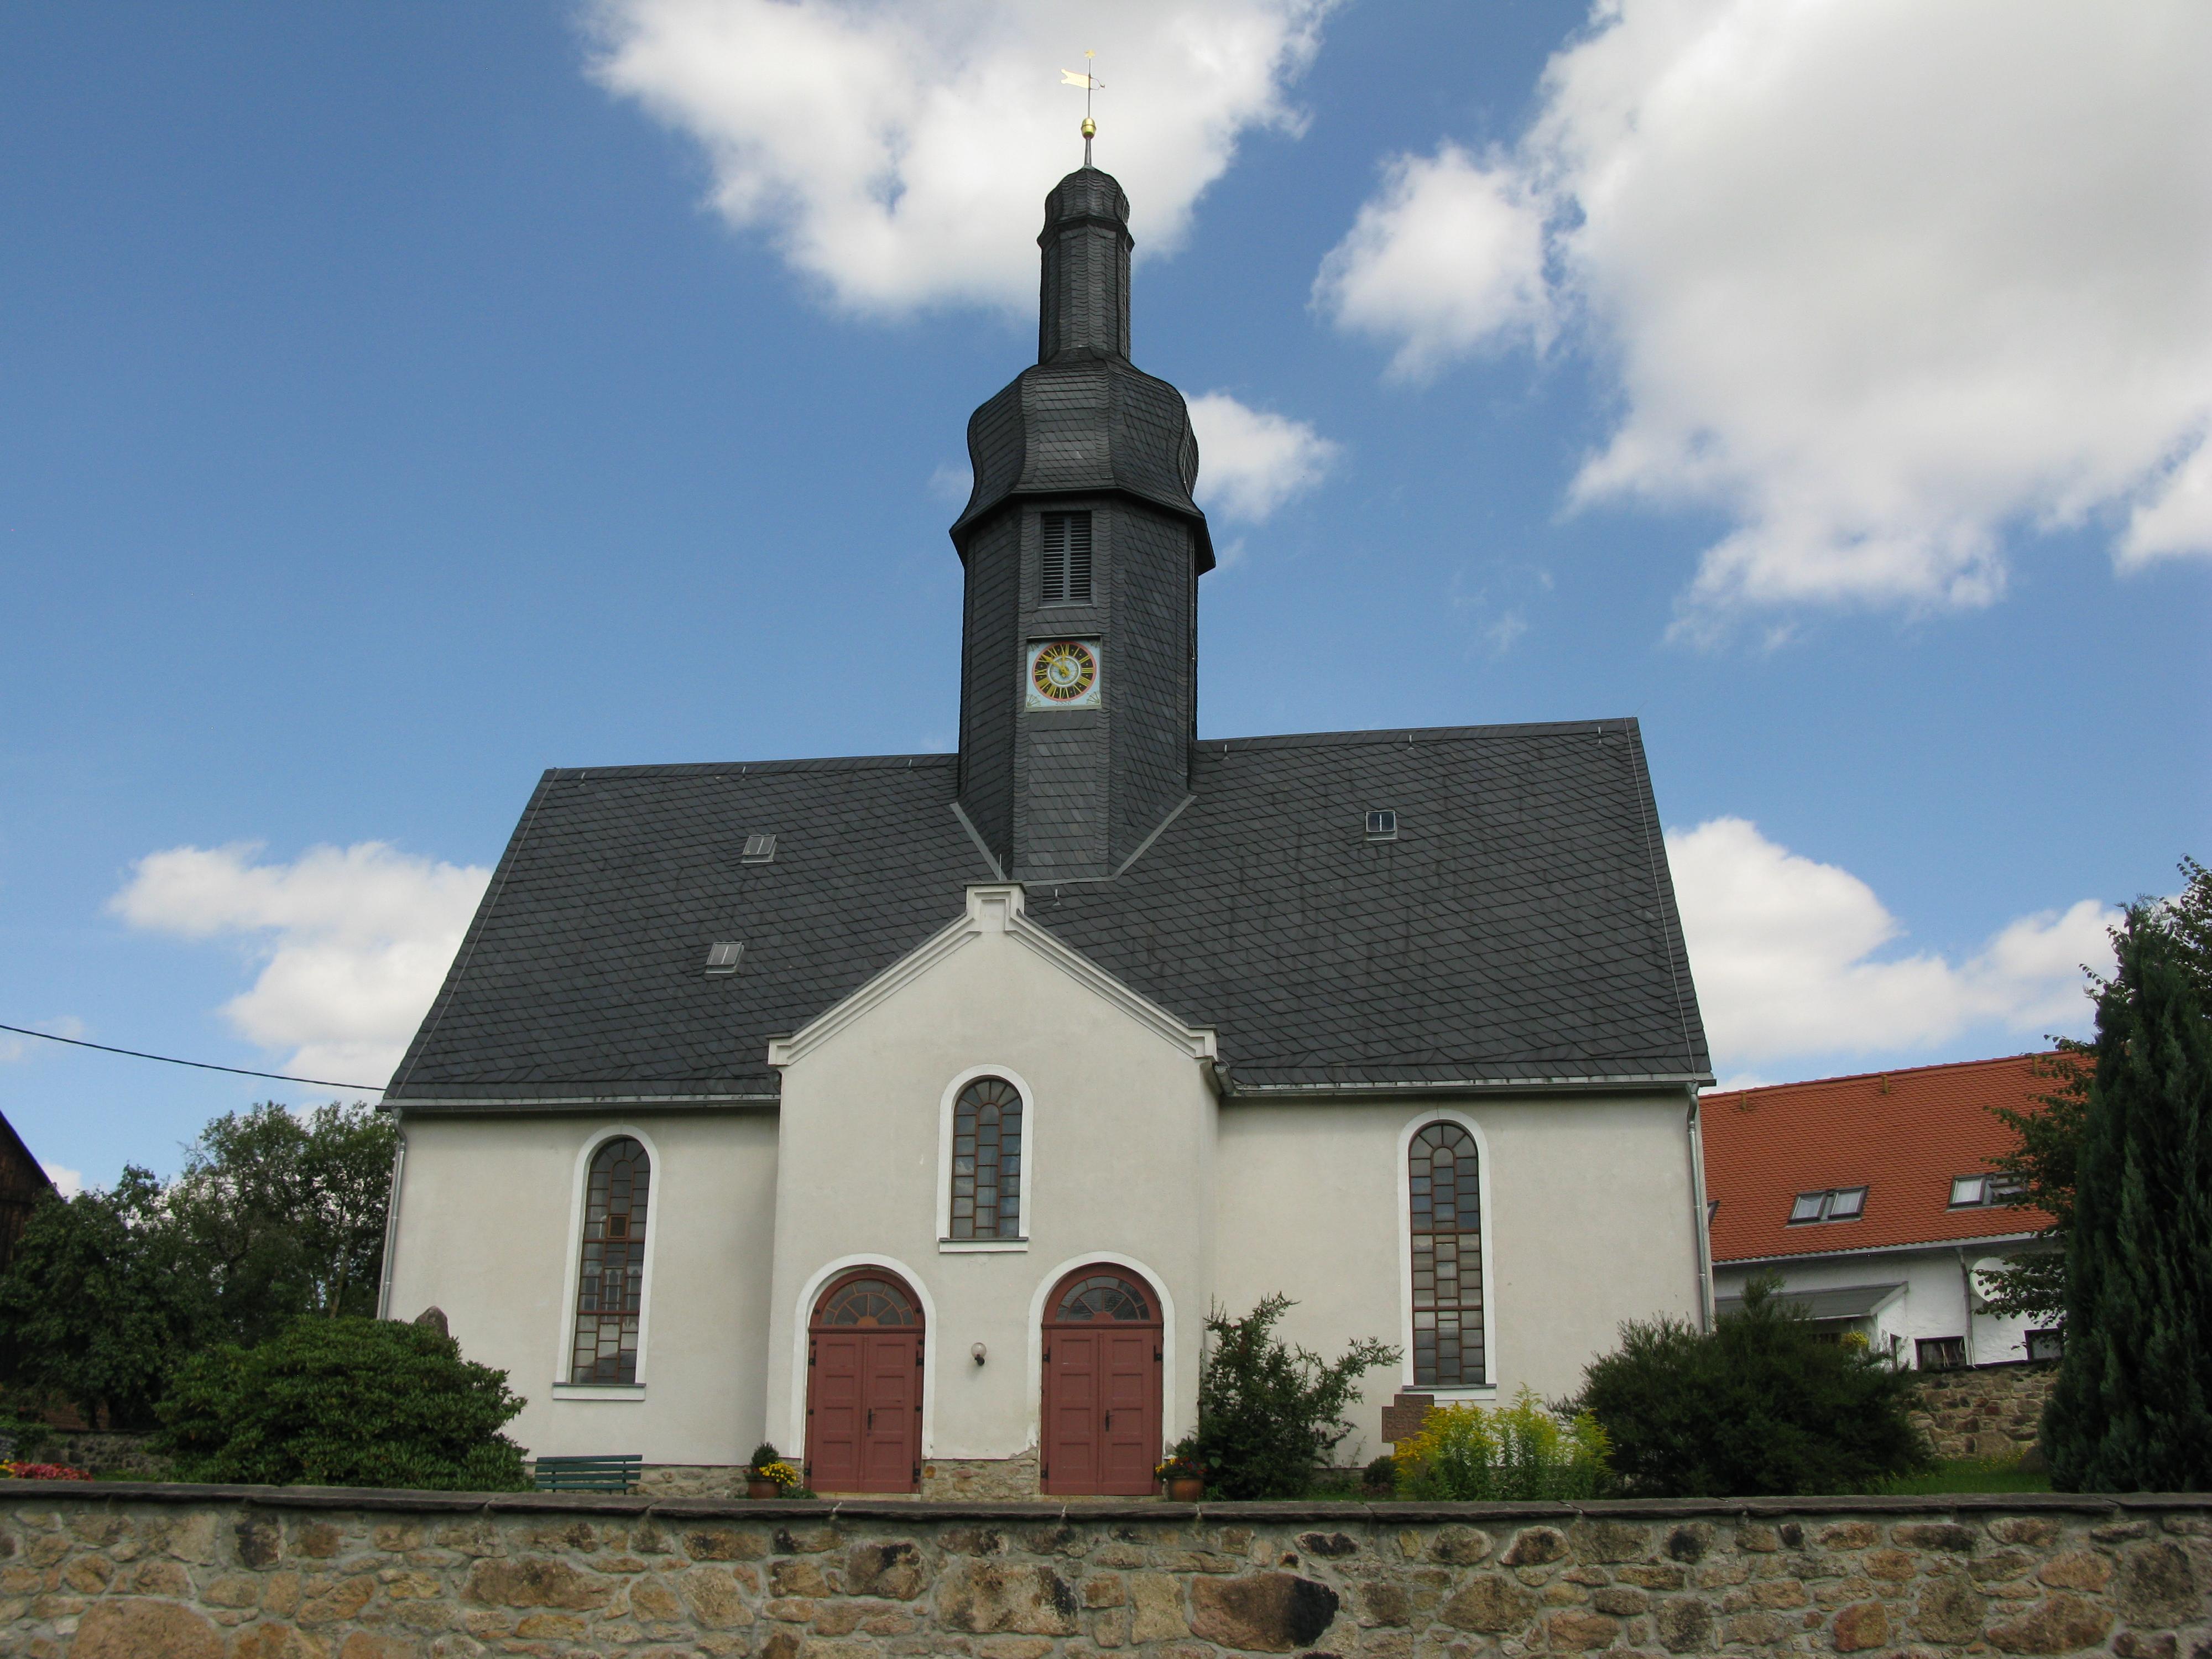 File:Lengenfeld Irfersgrün, Kirche IMG 4617.jpg